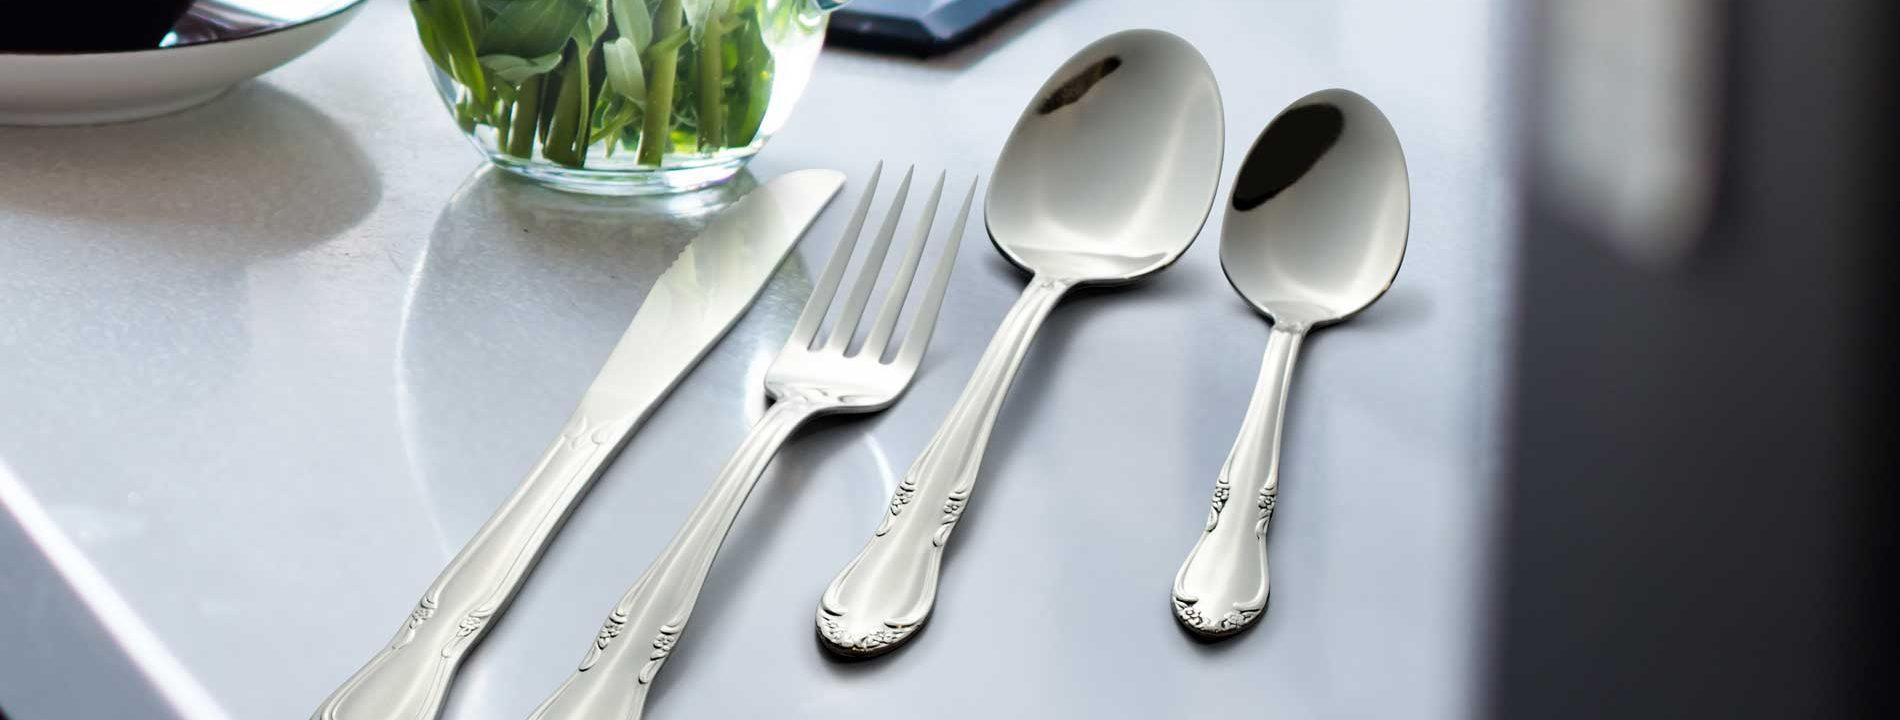 Comer con tenedor es cosa de pijos el llobregat for Articulos para restaurantes